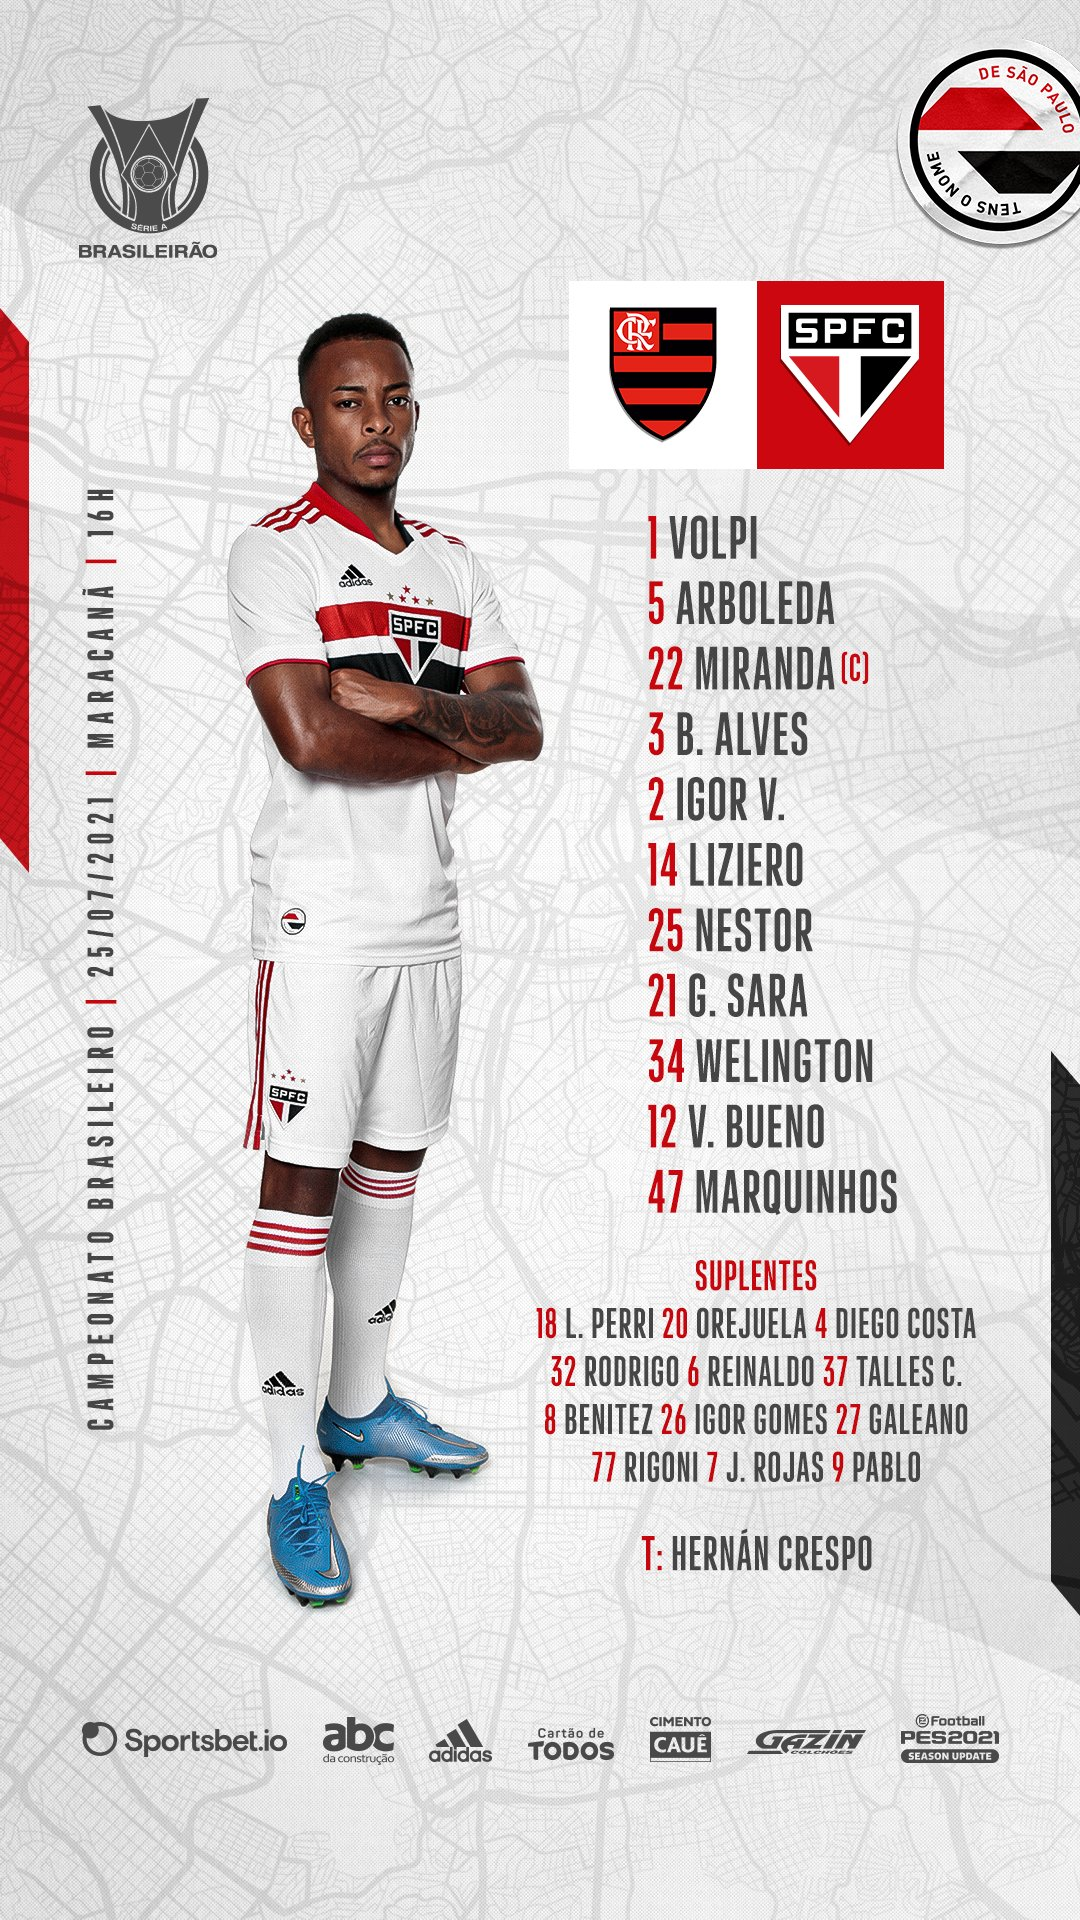 São Paulo escalado para pegar o Flamengo pelo Campeonato Brasileiro